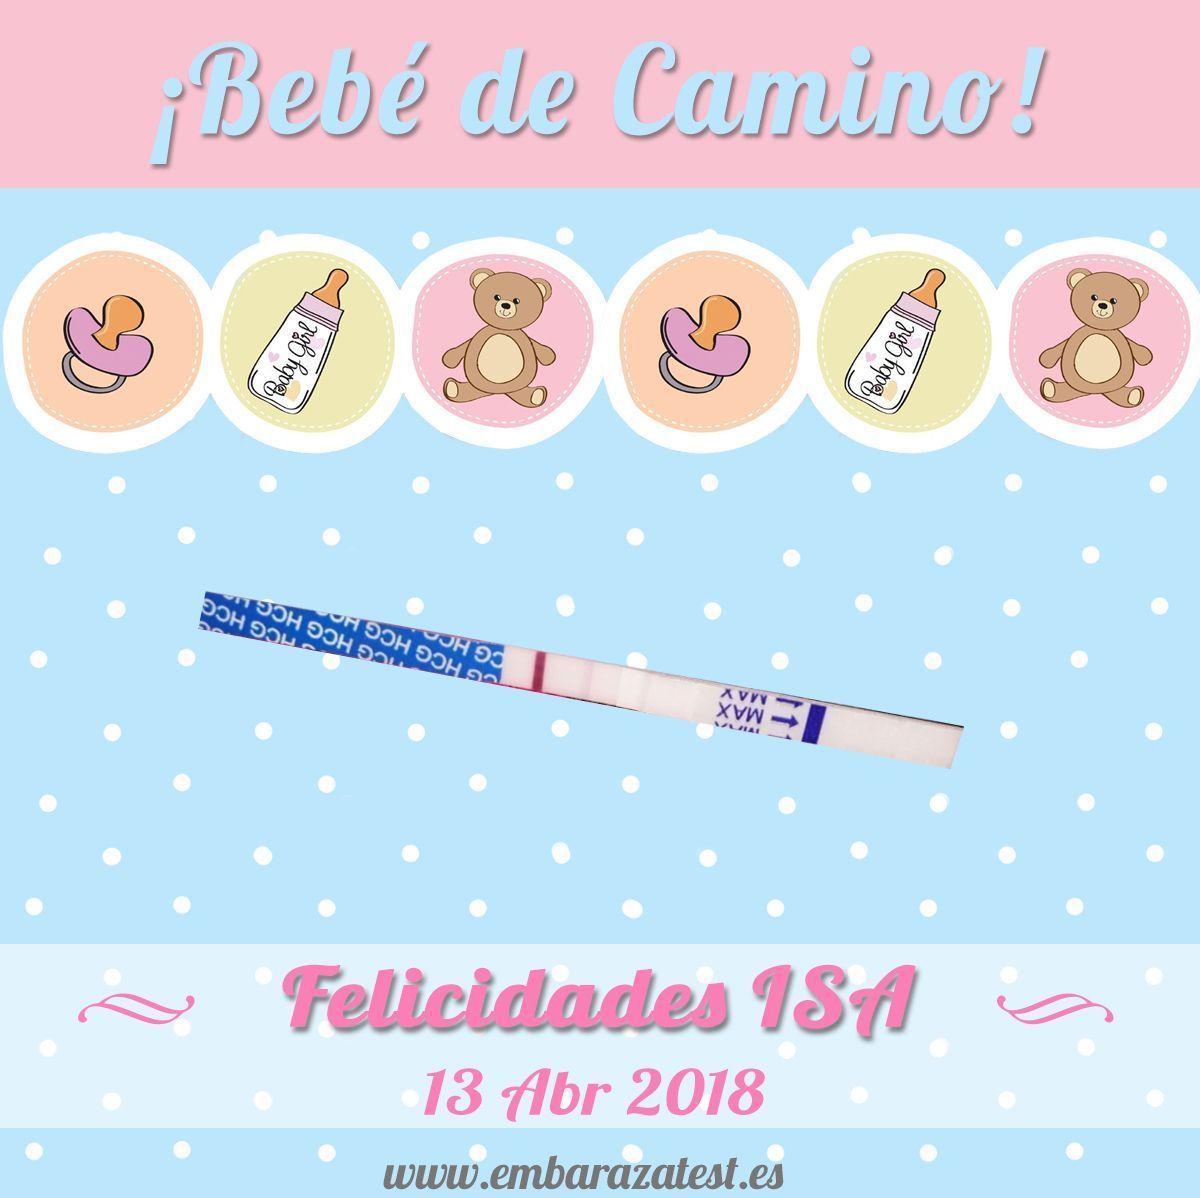 Test de Embarazo Positivo, Felicidades Isa!